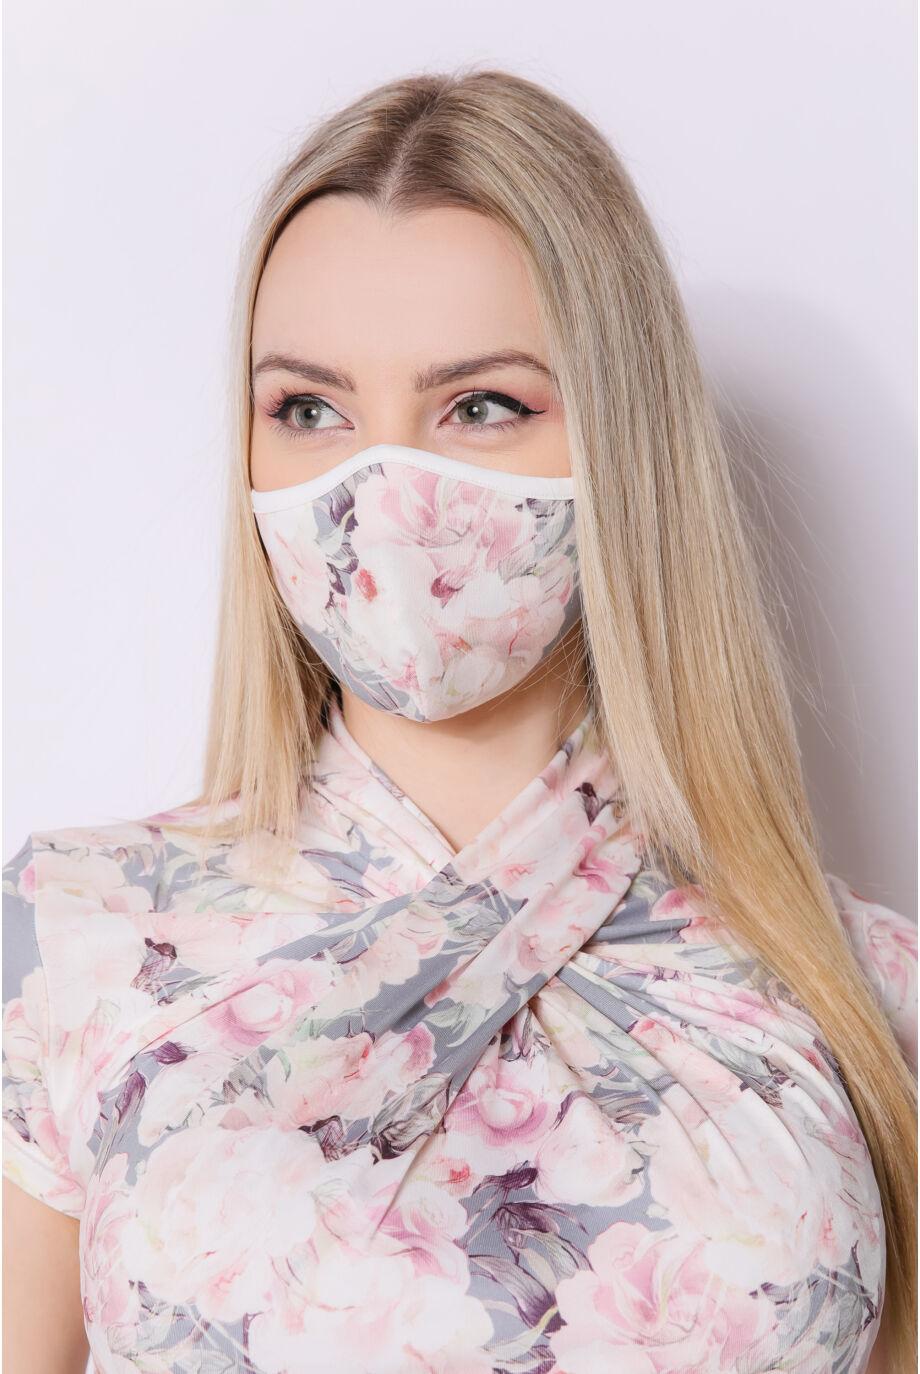 textil_virag_mintas_szajmaszk_arcmaszk_rozsa